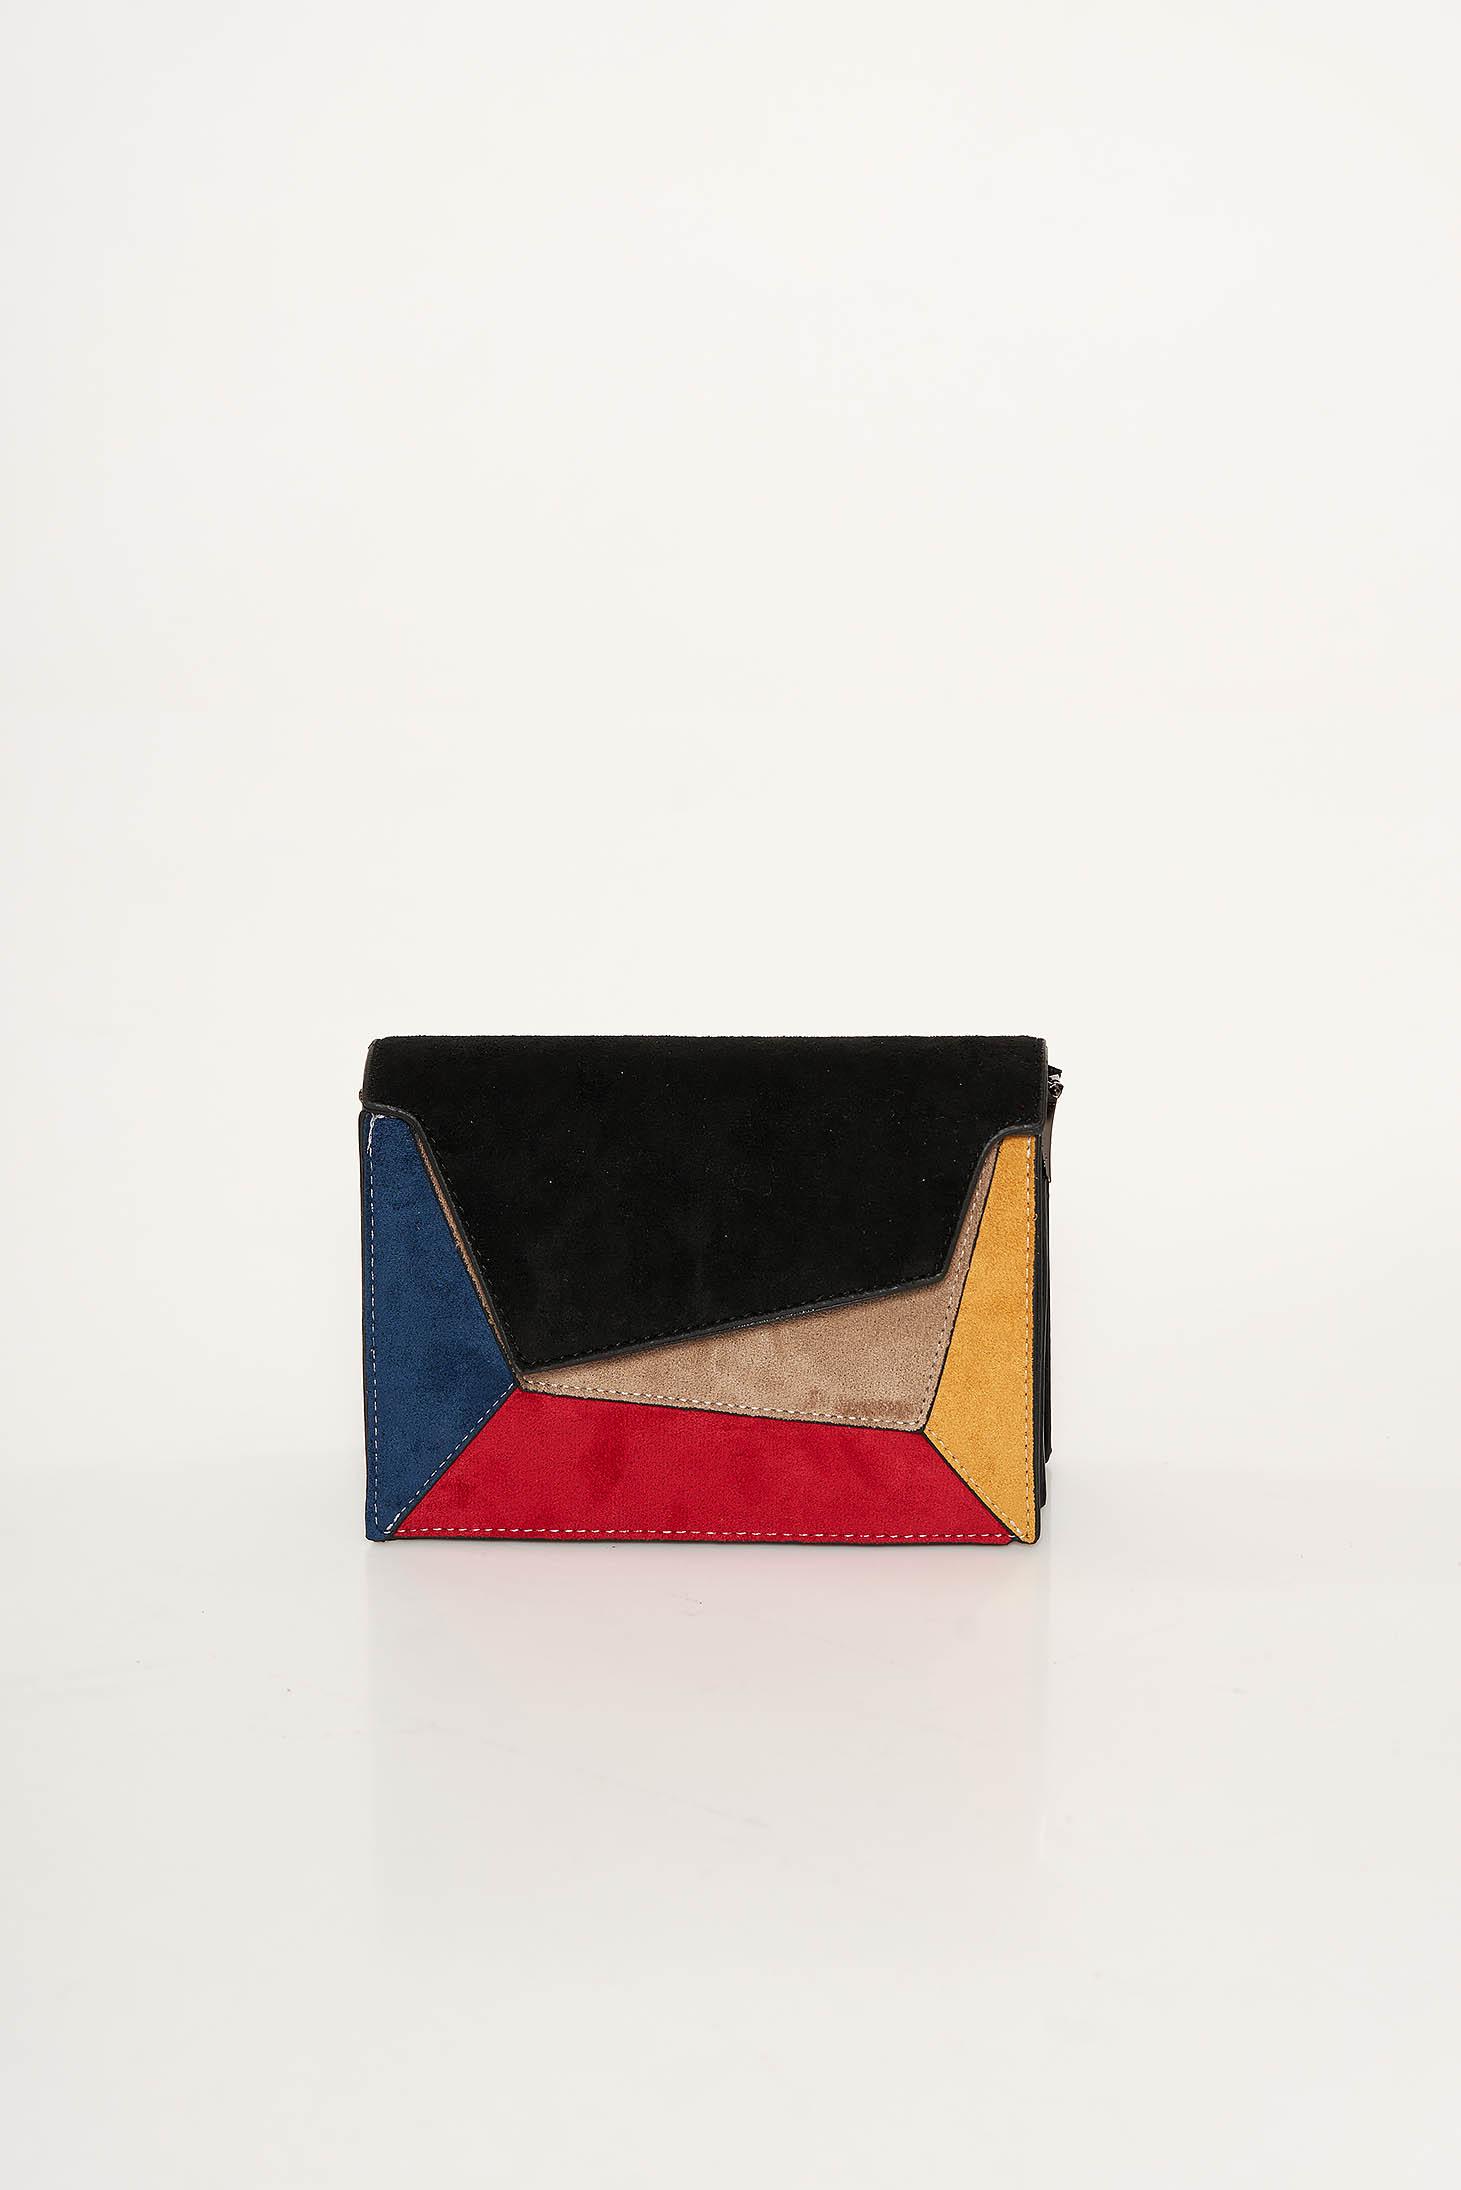 Fekete casual táska szintetikus fordított bőr felsőrész